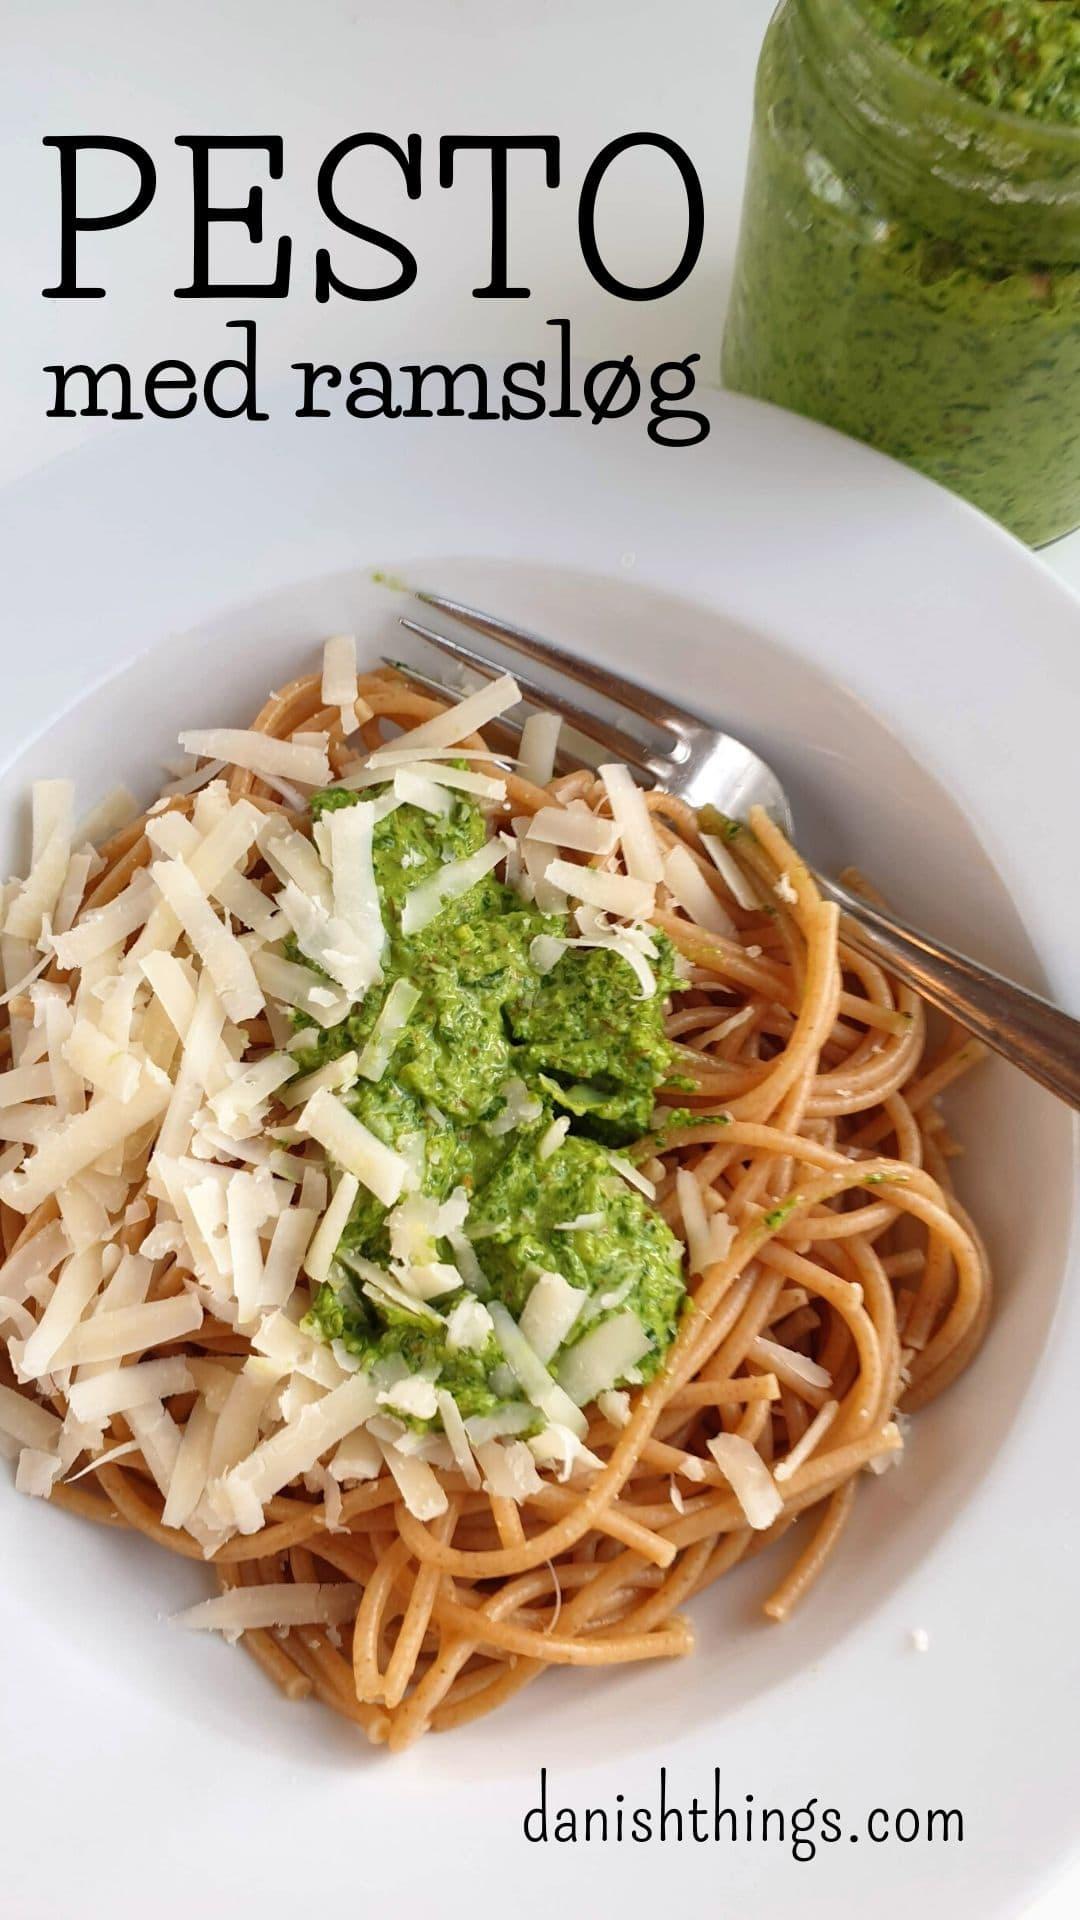 Ramsløgspesto - En dansk forårsudgave af pesto med bl.a. ramsløg, mandler og rapsolie. Brug den til pasta, til nye kartofler, i en sandwich, i dressing, til grillet kød og fisk... Find opskrifter og inspiration til årets gang på danishthings.com #DanishThings #ramsløg #pesto #ramsløgspesto #forår